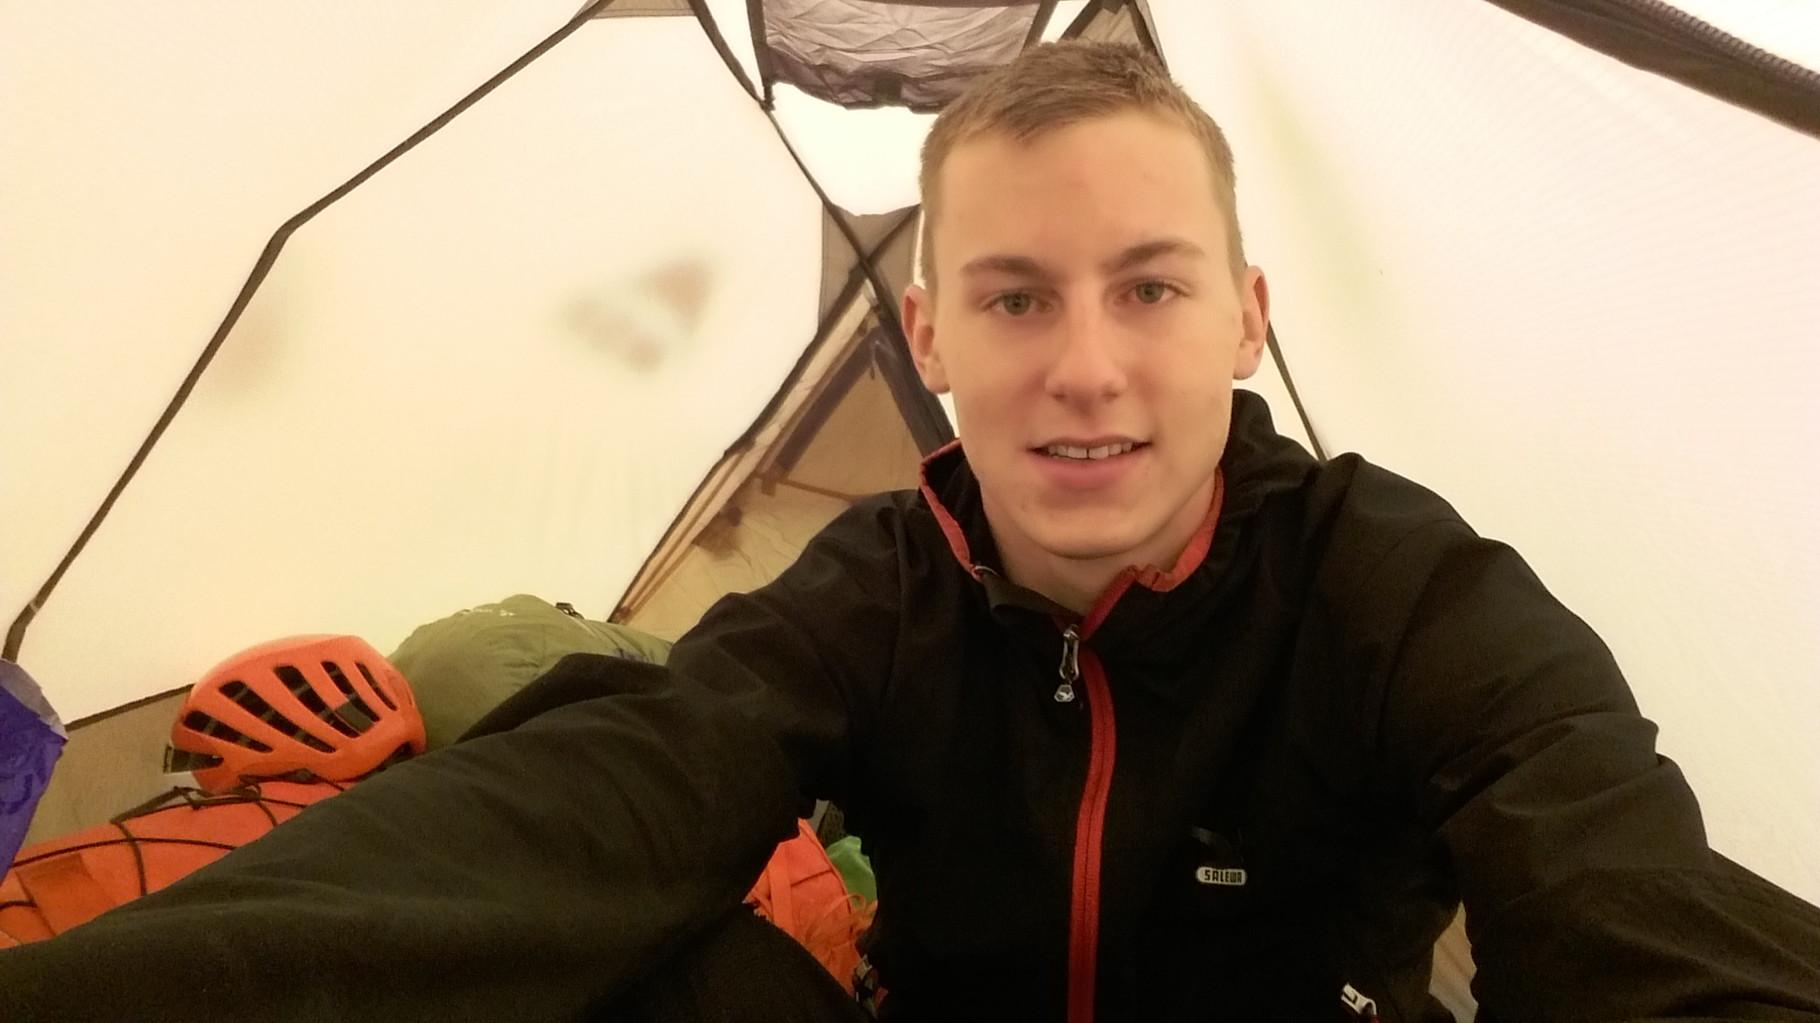 Am Abend im Zelt, endlich geht es los